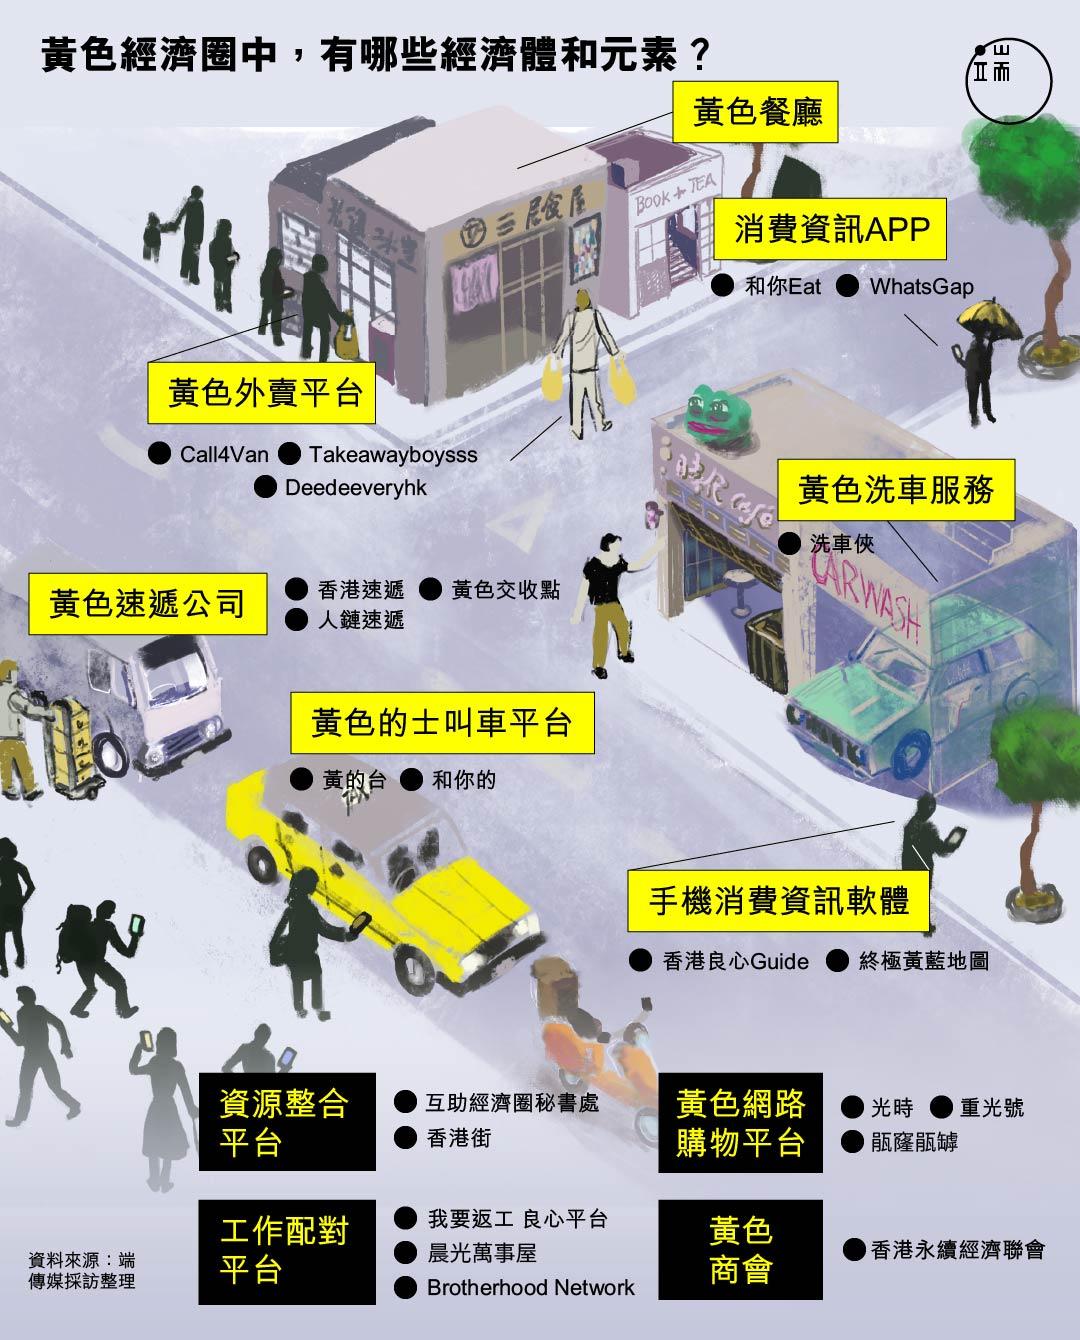 黃色經濟圈中,有哪些經濟體和元素?